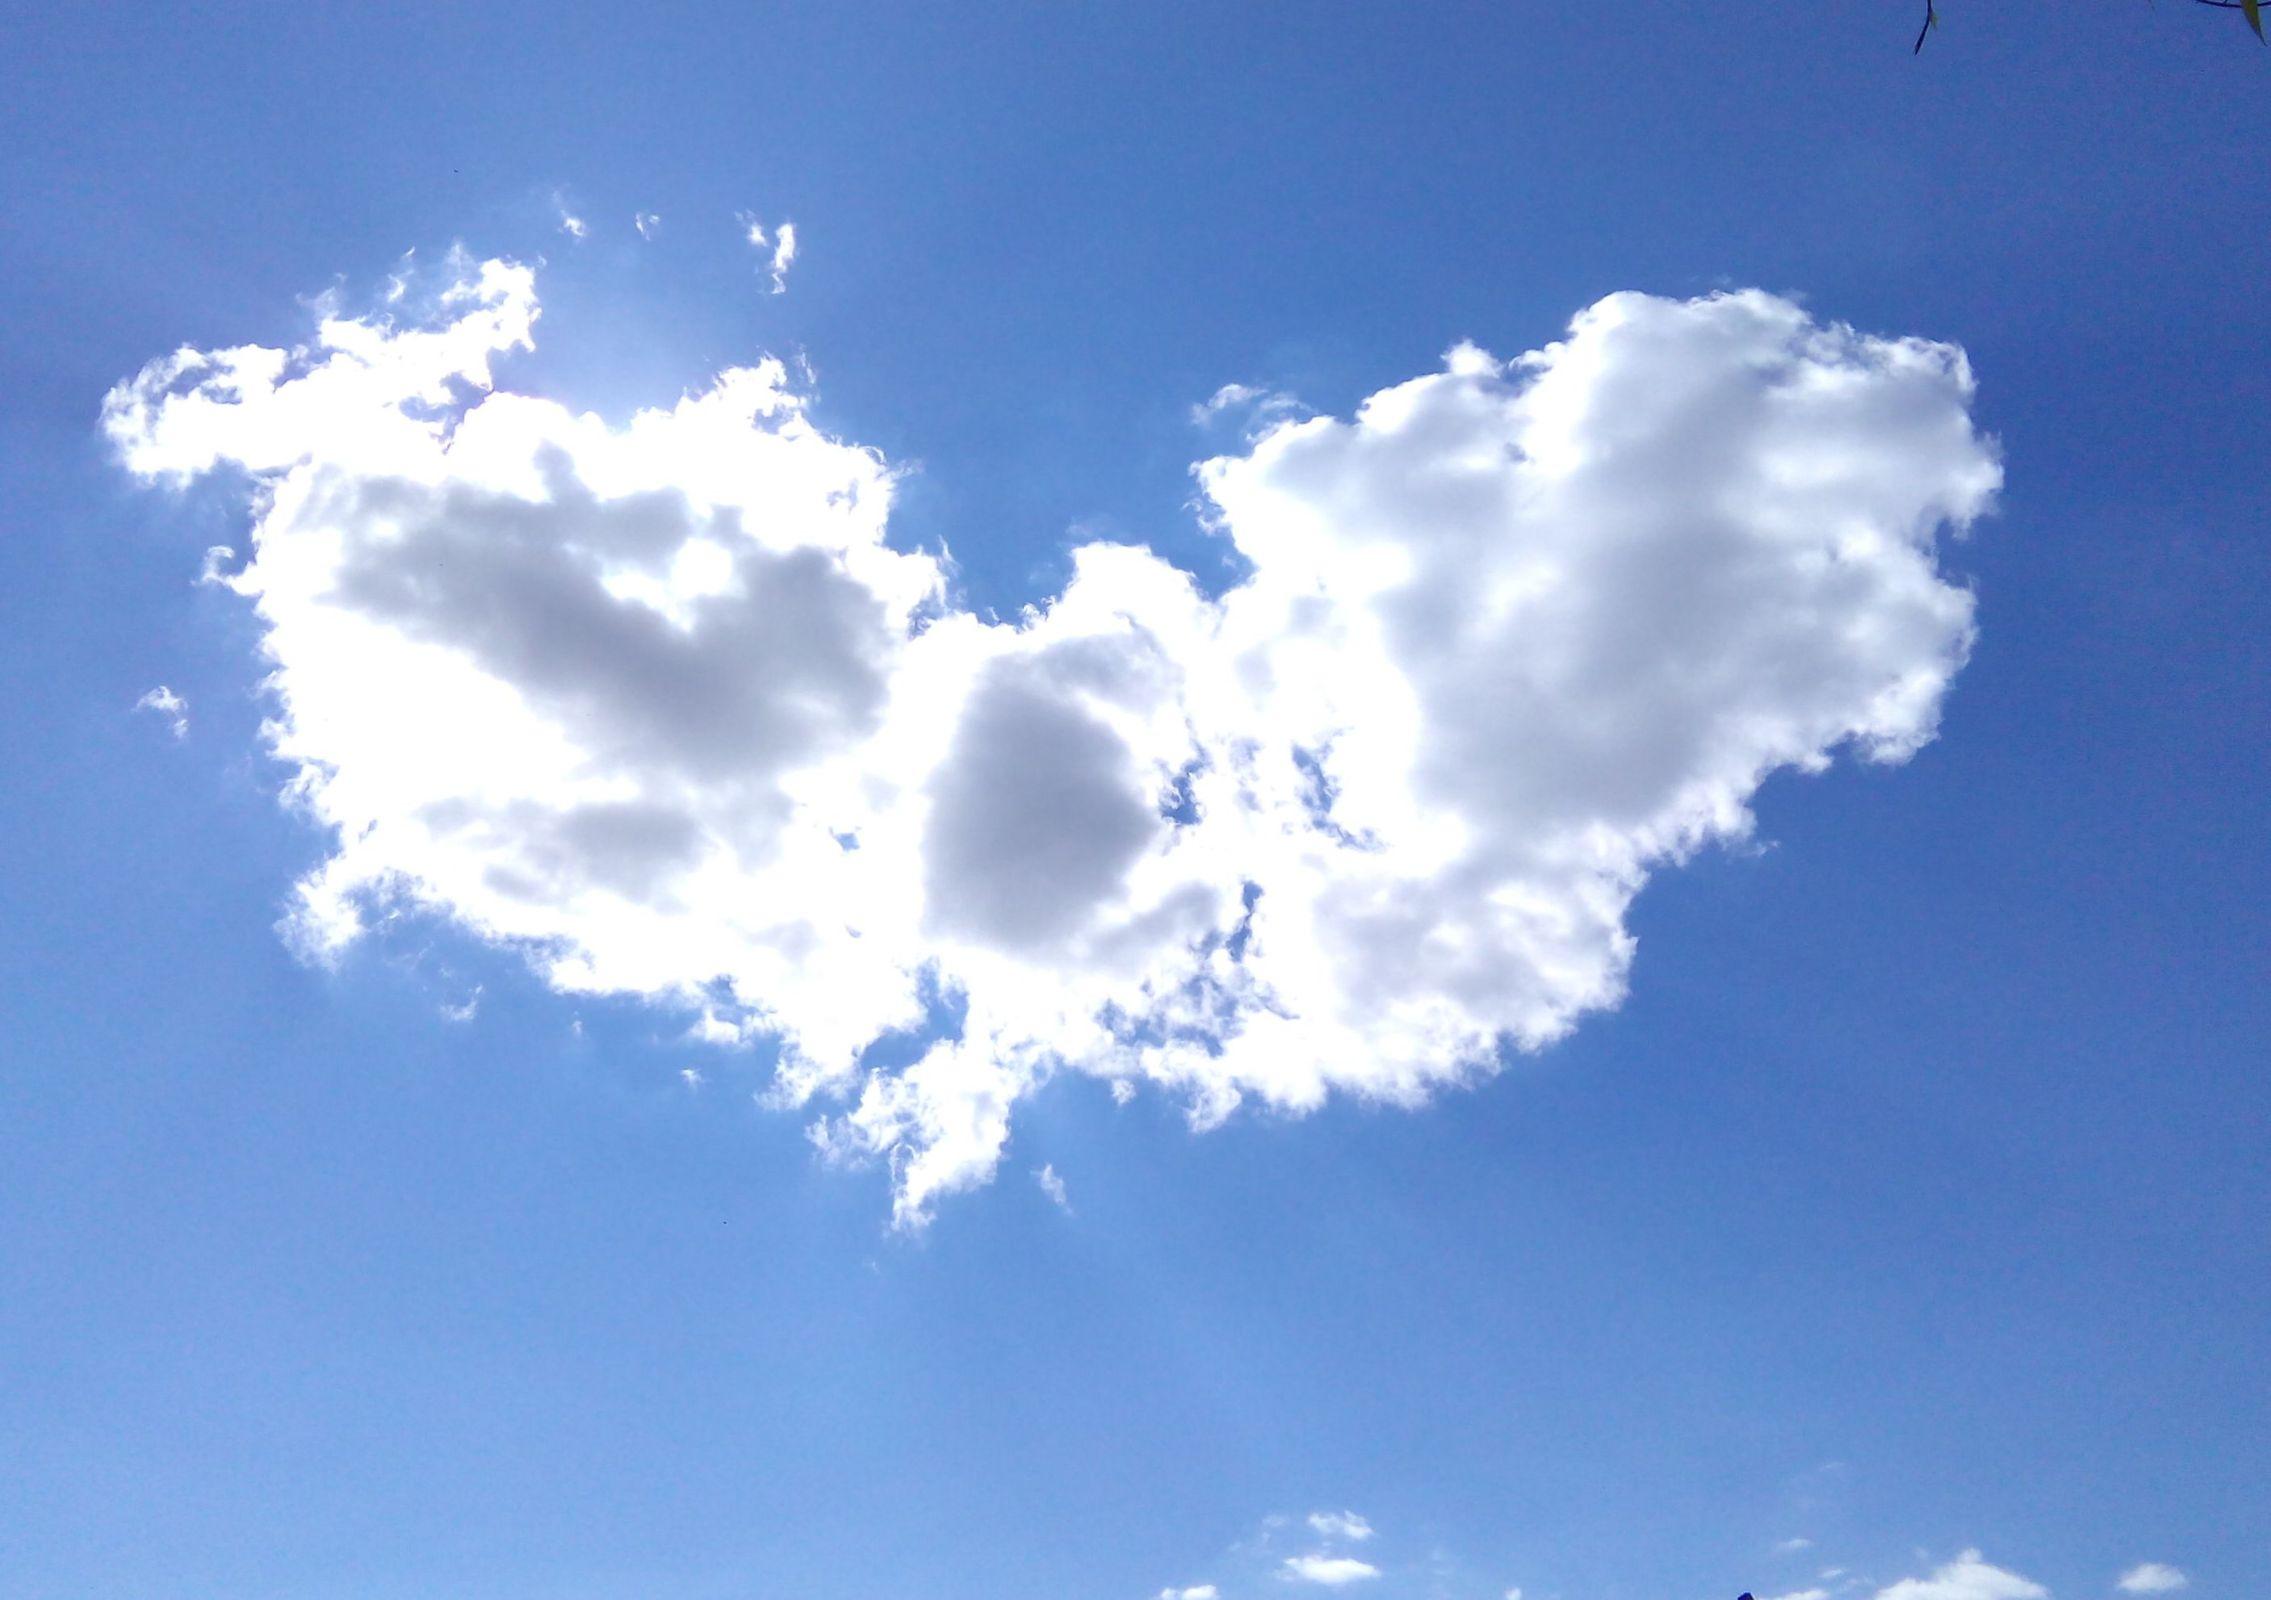 этого картинки мелкие облака залы